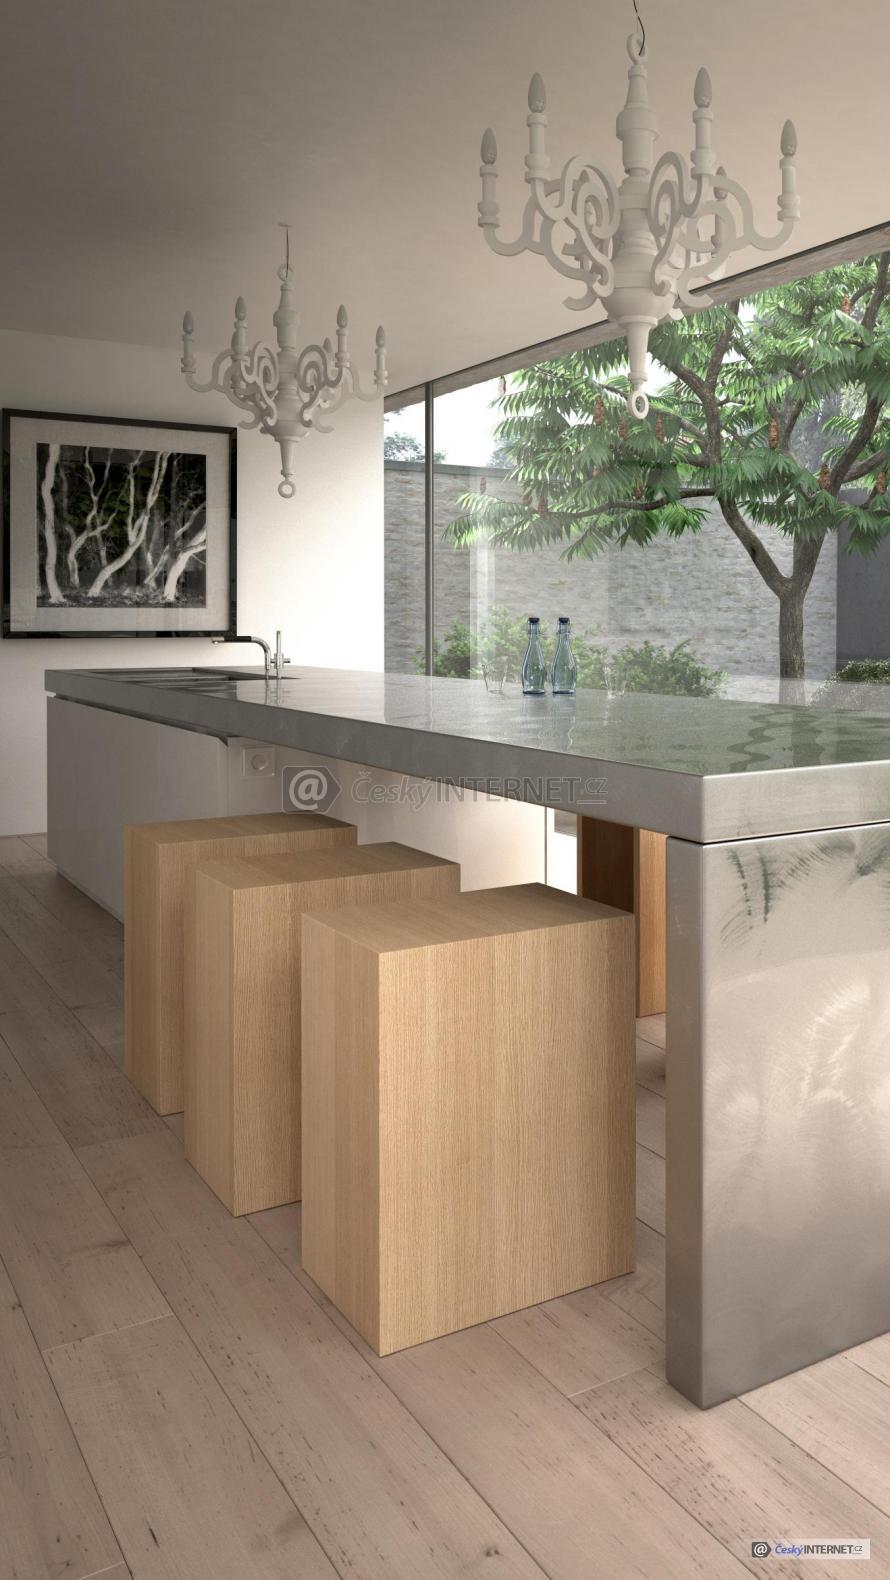 Kuchyňská pracovní deska v prosklené místnosti.